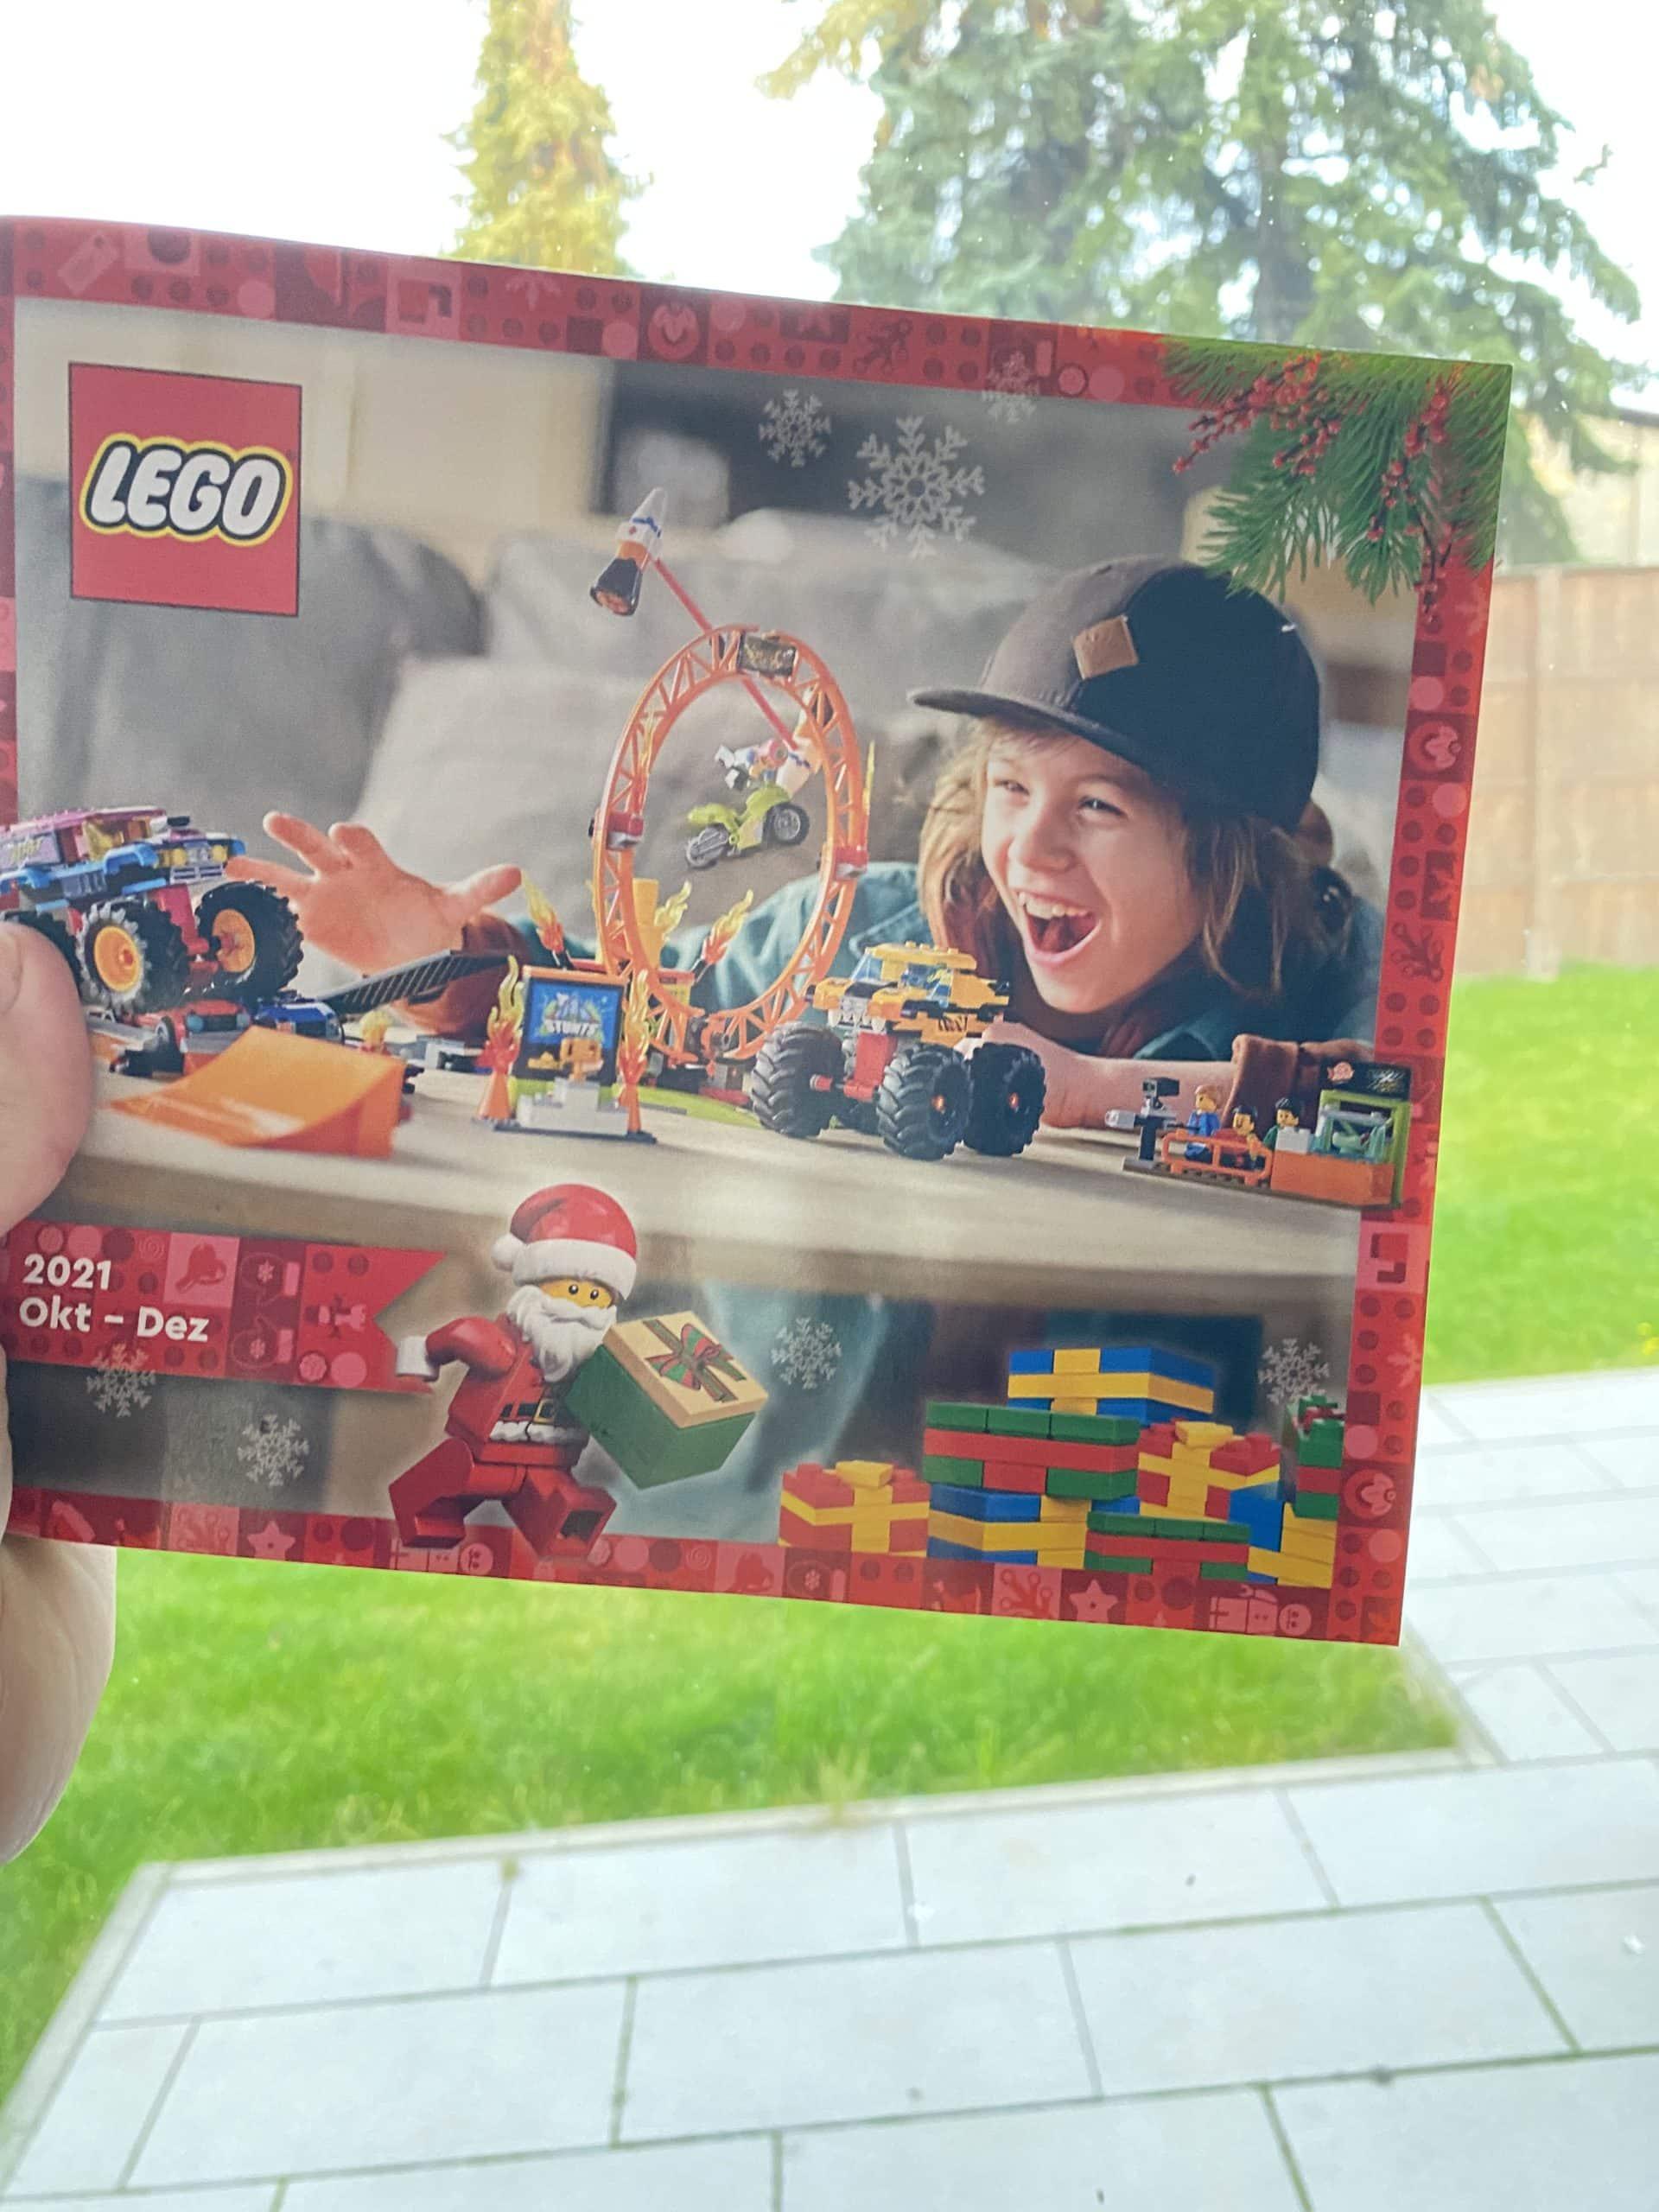 Aber wir bekommen den neuen Legokatalog Oktober bis Dezember, wenigstens was.